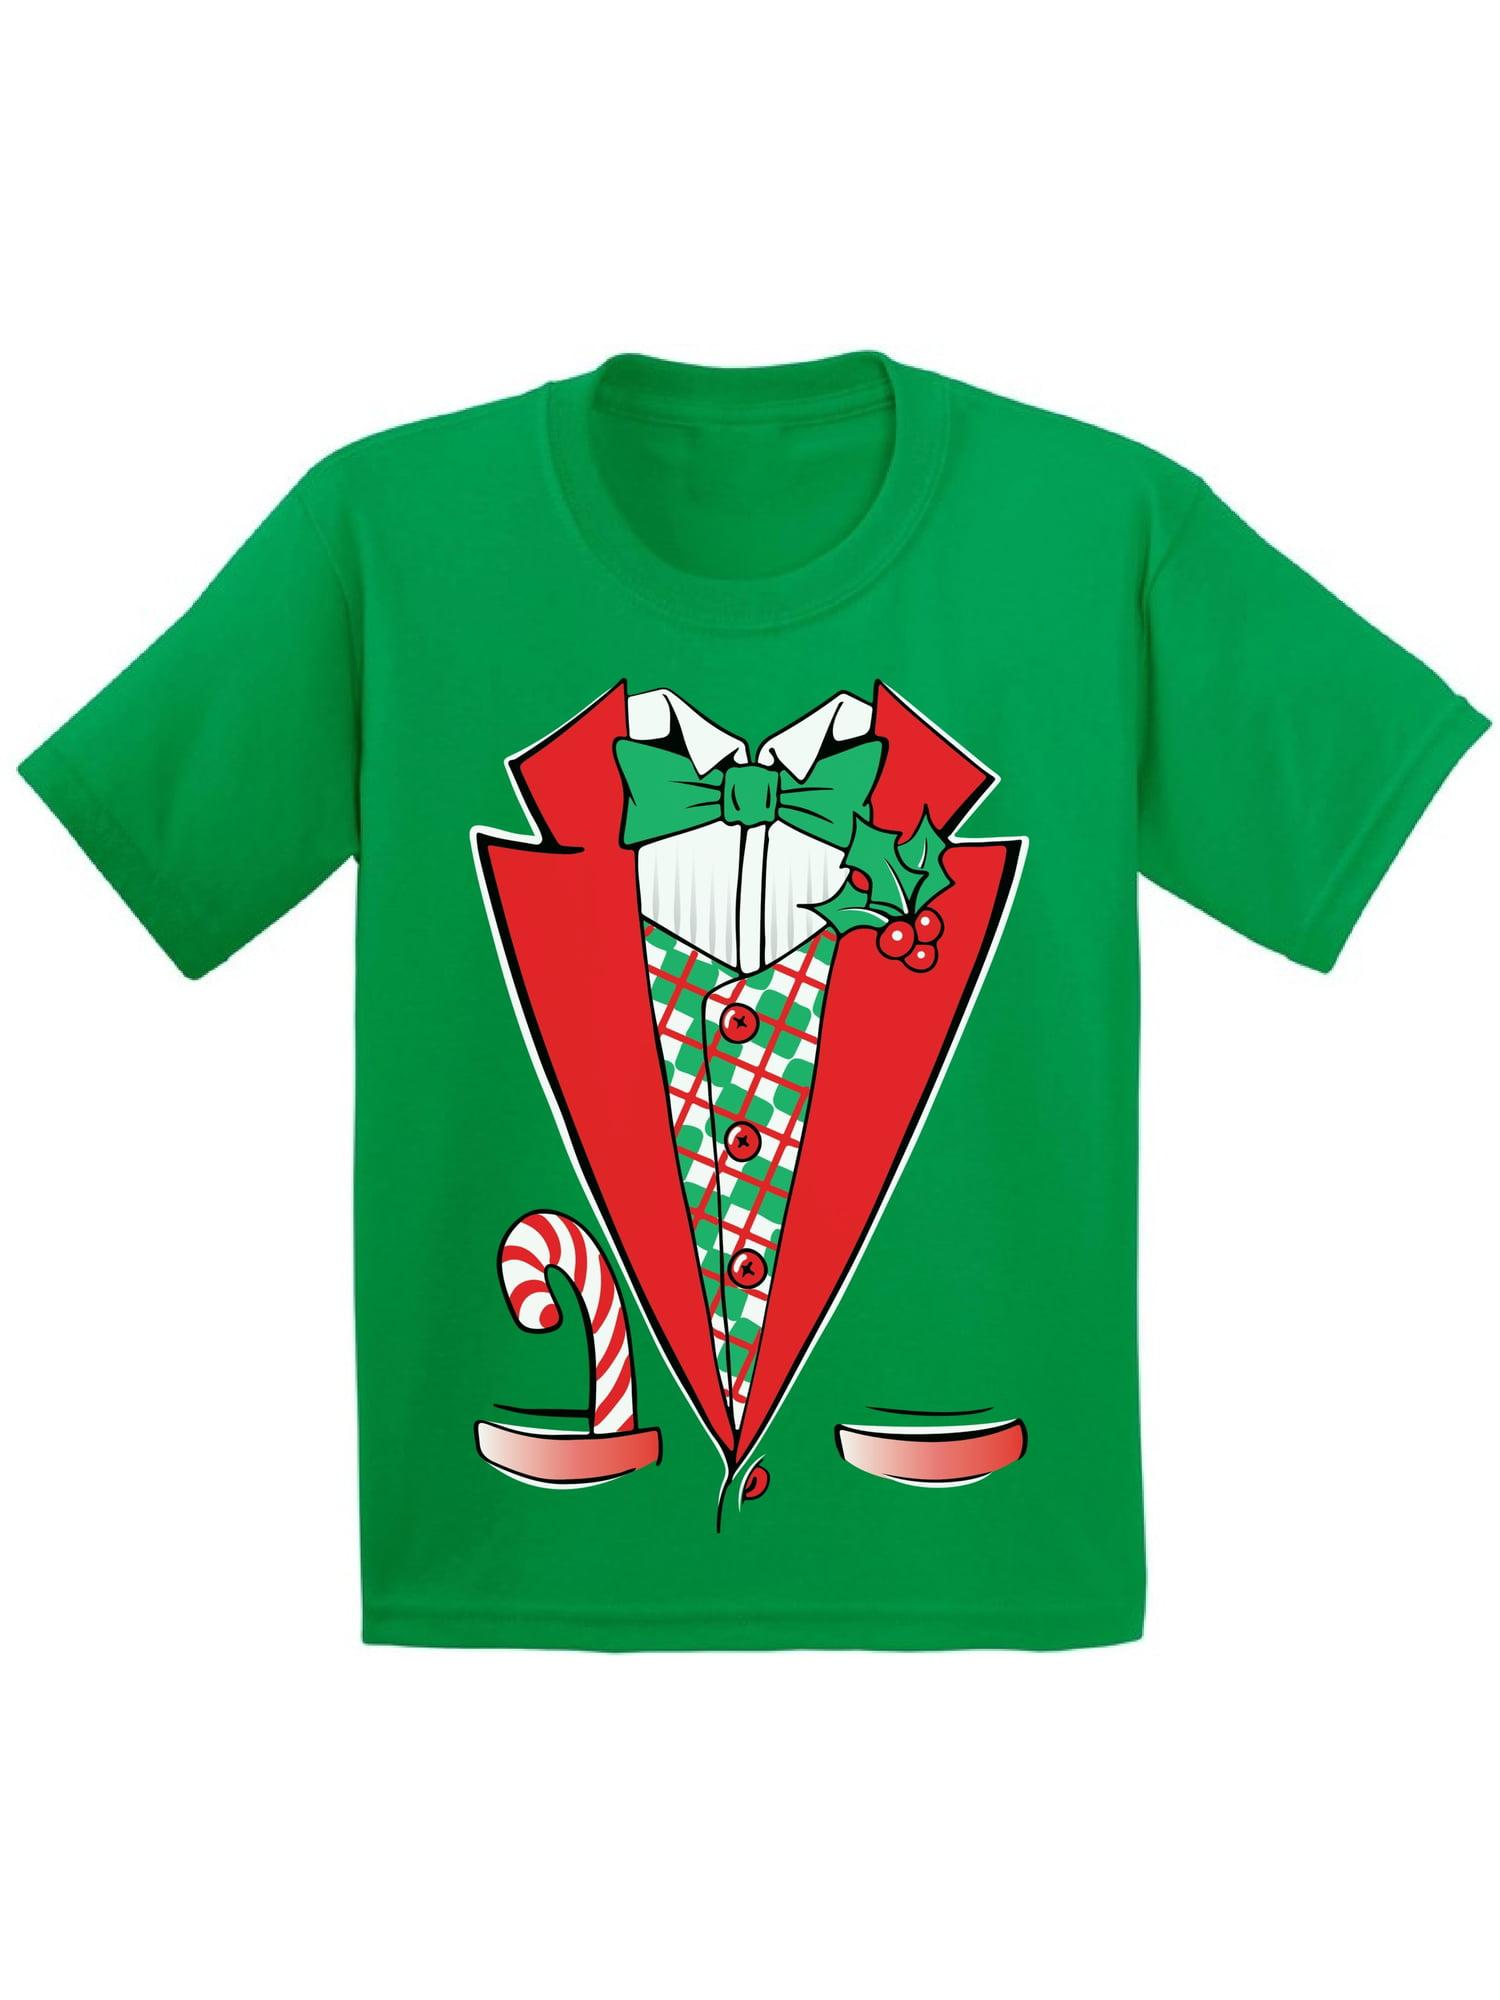 Awkward Styles Christmas Tuxedo Costume Christmas Shirts for Kids Santa Funny Kid's Christmas Holiday Shirt Christmas Costume Shirts for Boys Christmas Shirts for Girls Youth Christmas Tee